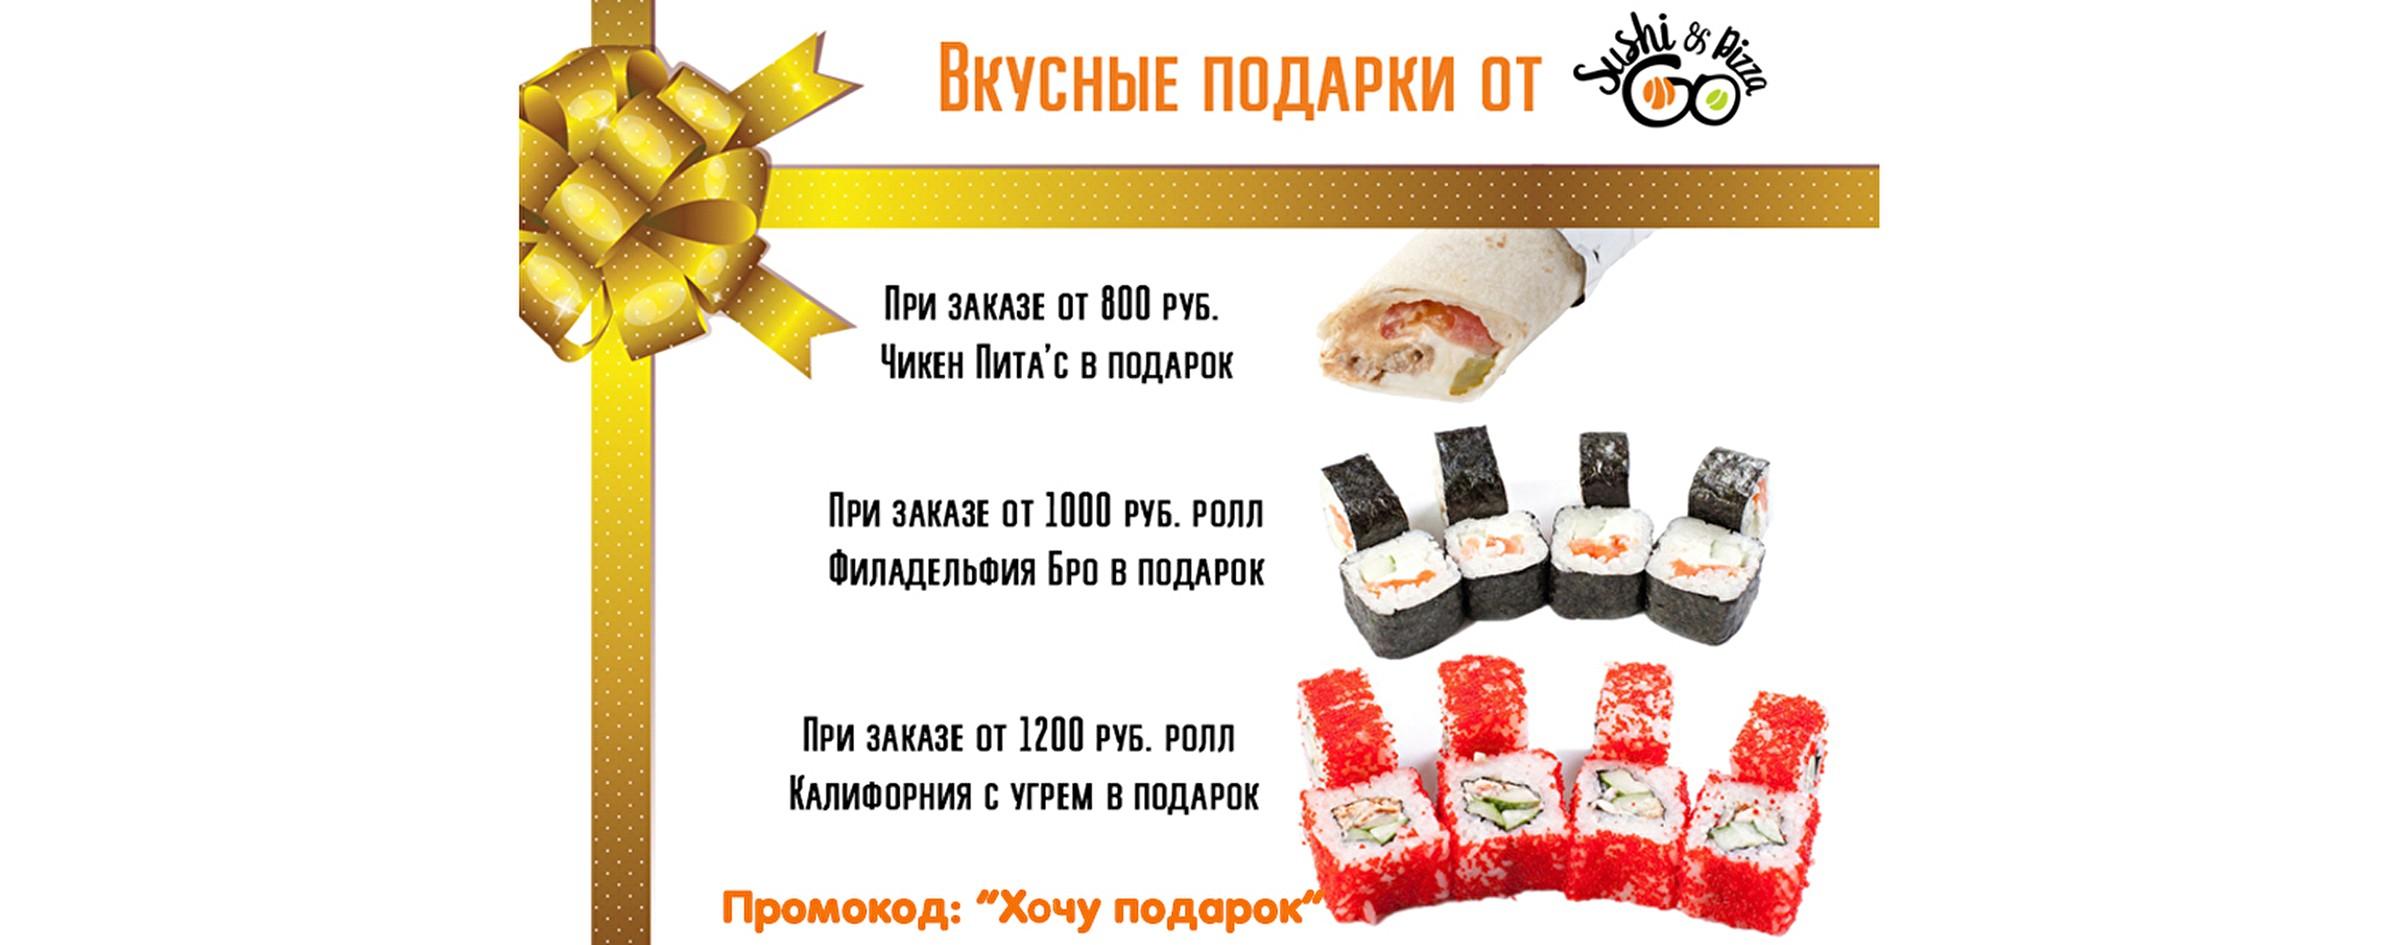 Подарок к заказу от 800, 1000 и 1200 руб.